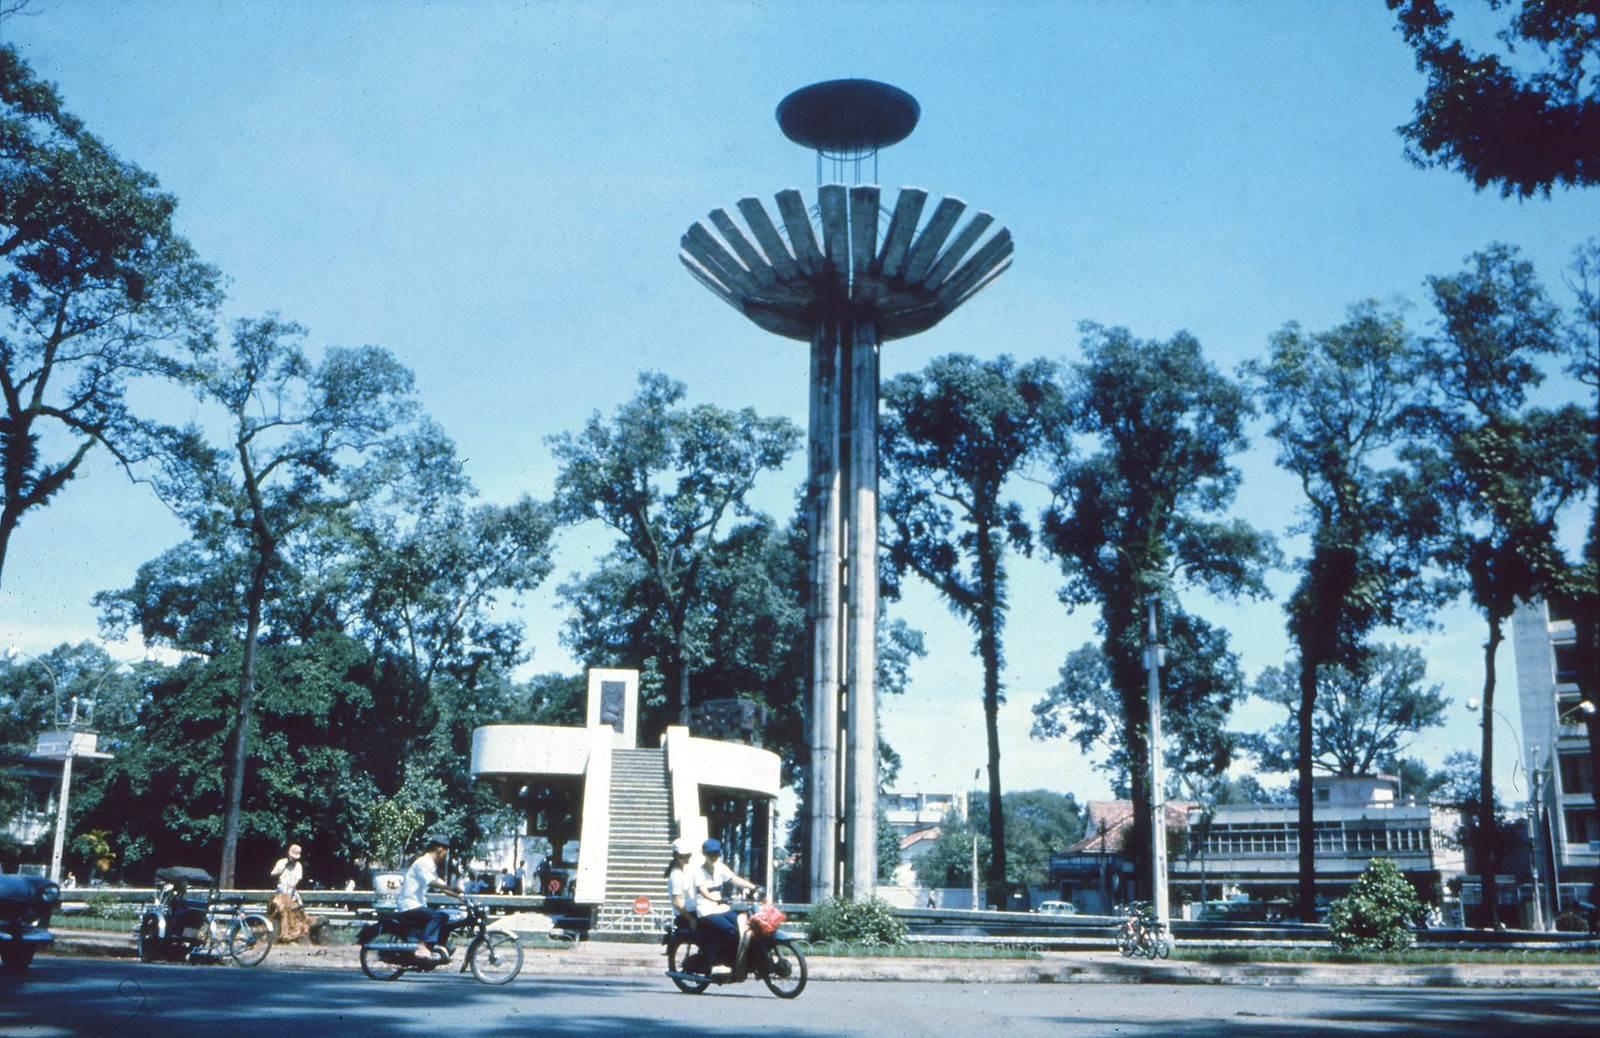 Saigon 1967 - Công trường Viện trợ Quốc Tế (Hồ con rùa)